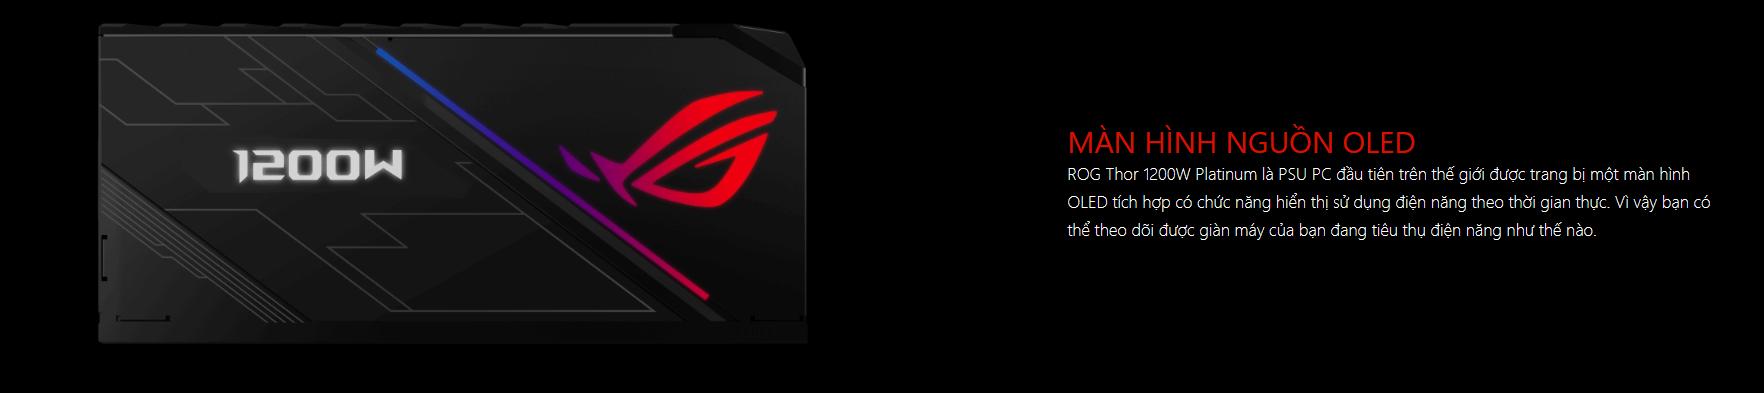 Nguồn Asus ROG Thor 1200W Platinum - RGB 1200W 80 Plus Platinum Full Modular màn hình OLED